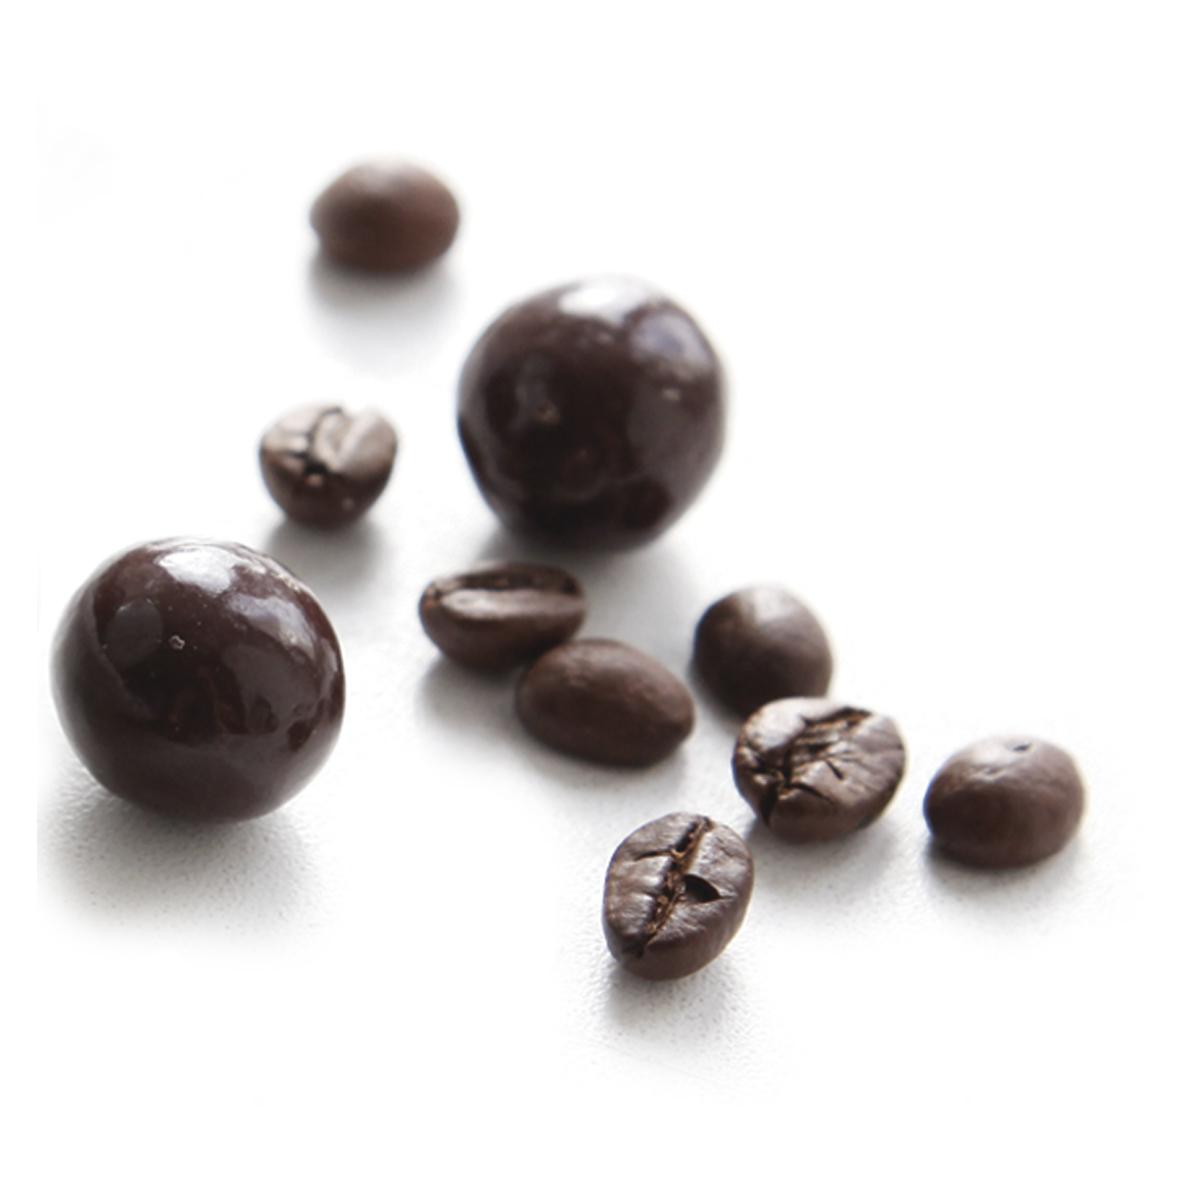 Конфеты драже Casa Rinaldi Кофе в тёмном шоколаде 200 гр